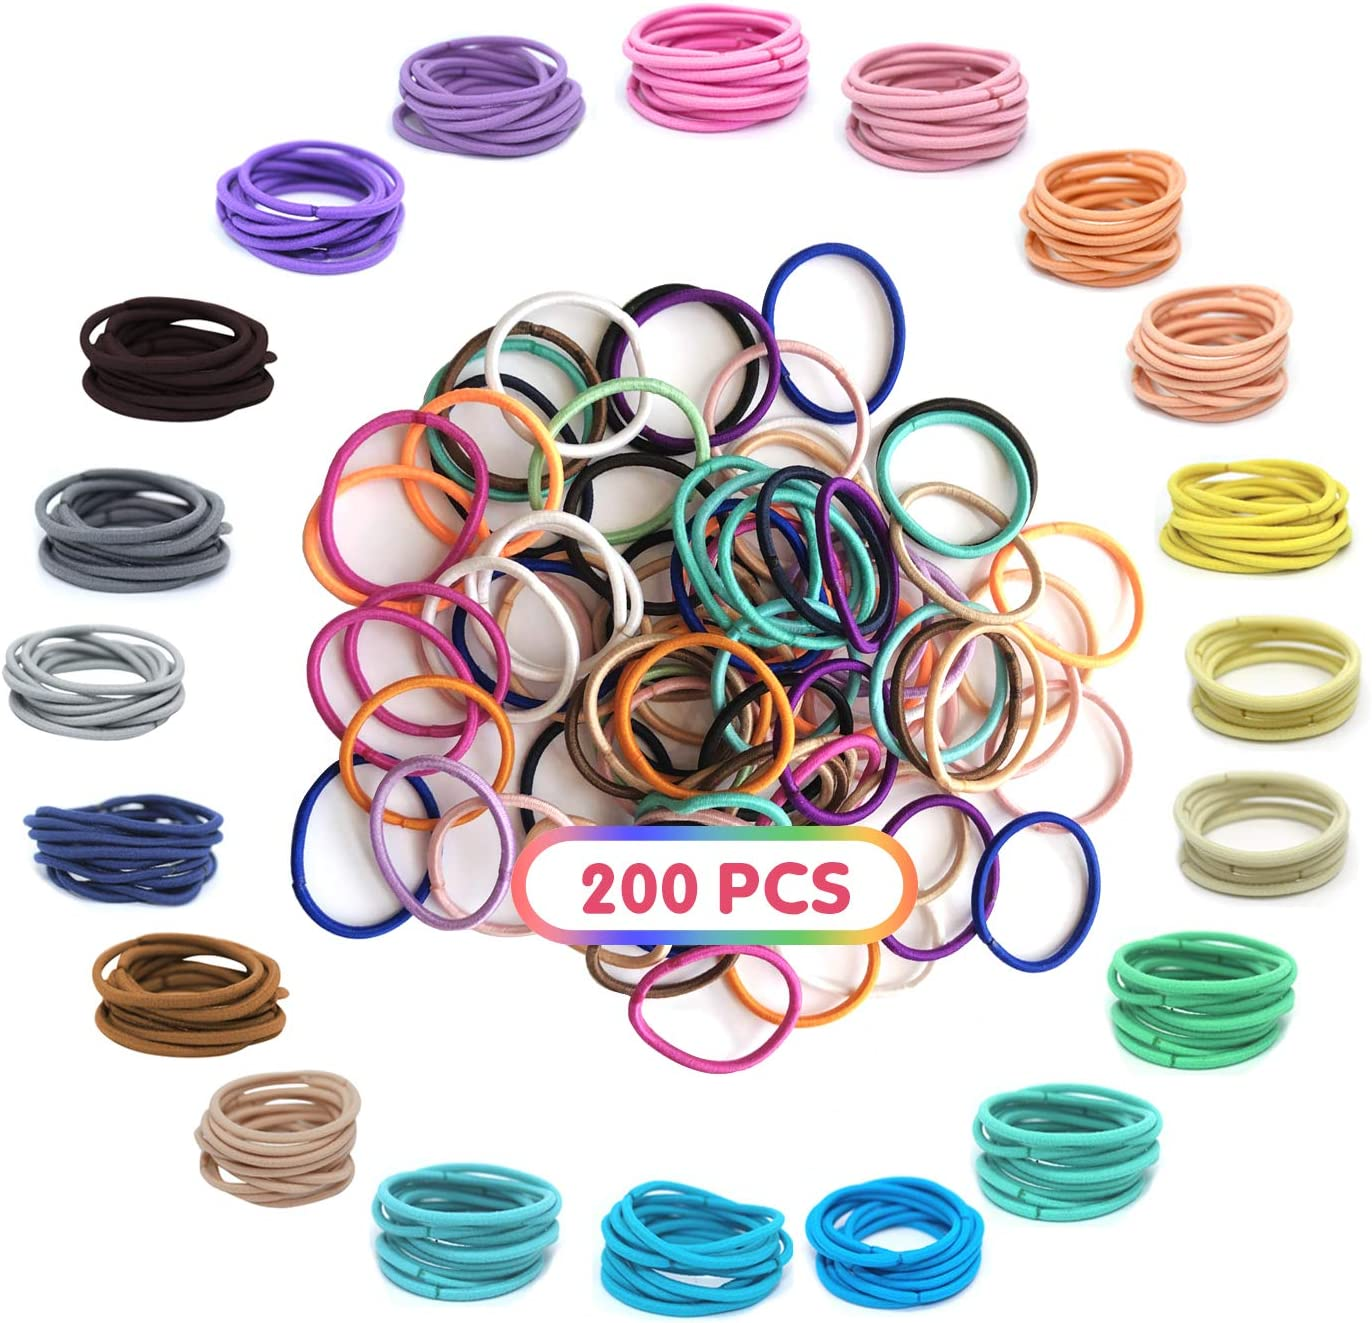 XCOZU Corbatas de pelo, 200 piezas Lazos para el Cabello del Bebé Elásticos, Multicolores andas para el cabello de cola de caballo finos para niñas pequeñas (2.5cm x 0.2cm)